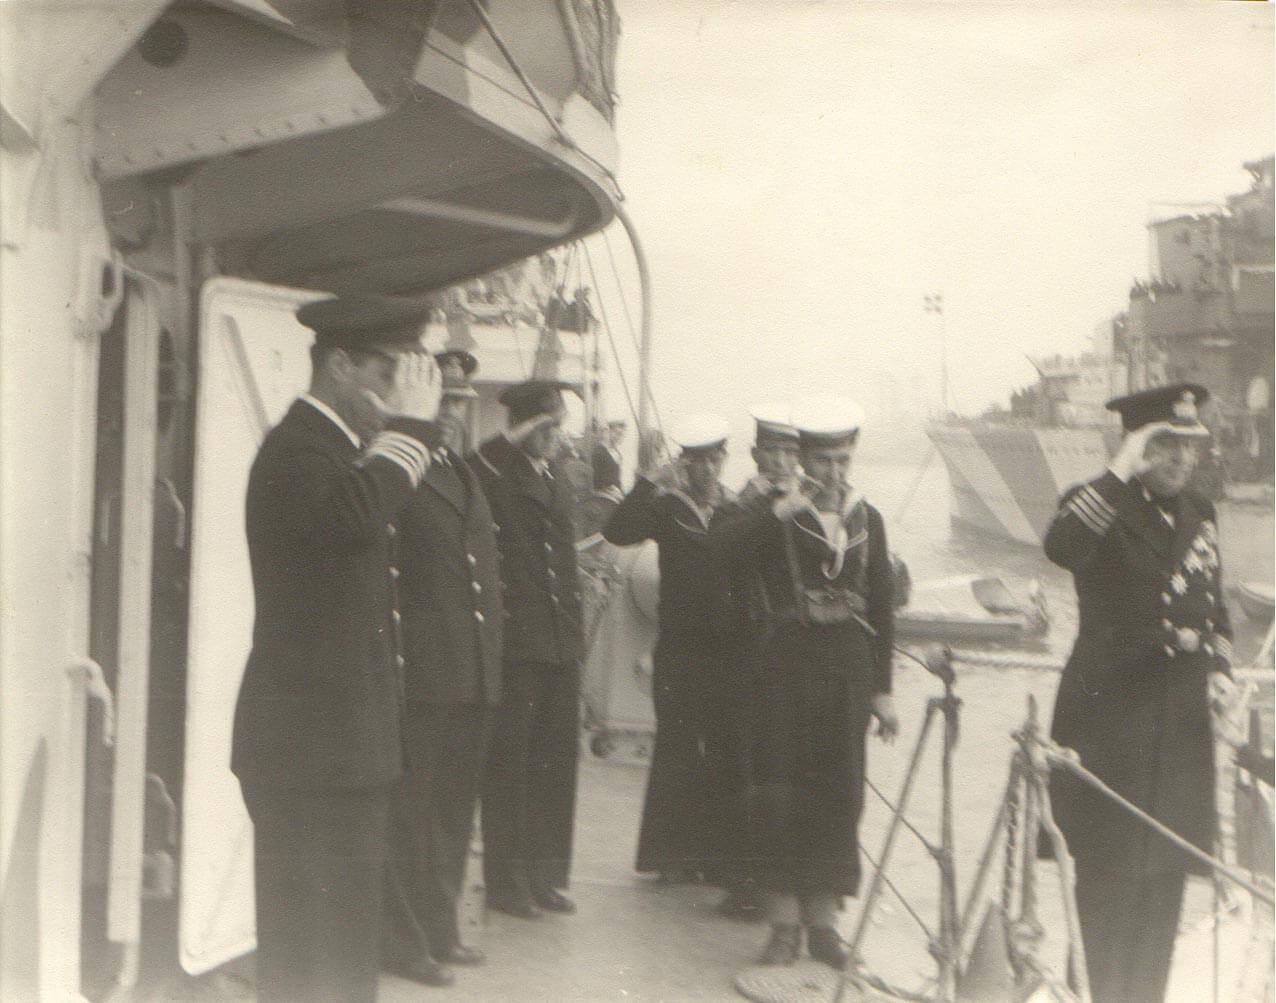 1941 Ανώτερος Διοικητής Αντιτορπιλλικών επι ΒΑΣΙΛΕΩΣ ΓΕΩΡΓΙΟΥ στο ΠΟΡΤ ΣΑΪΝΤ Διοικητής Νηοπομπής